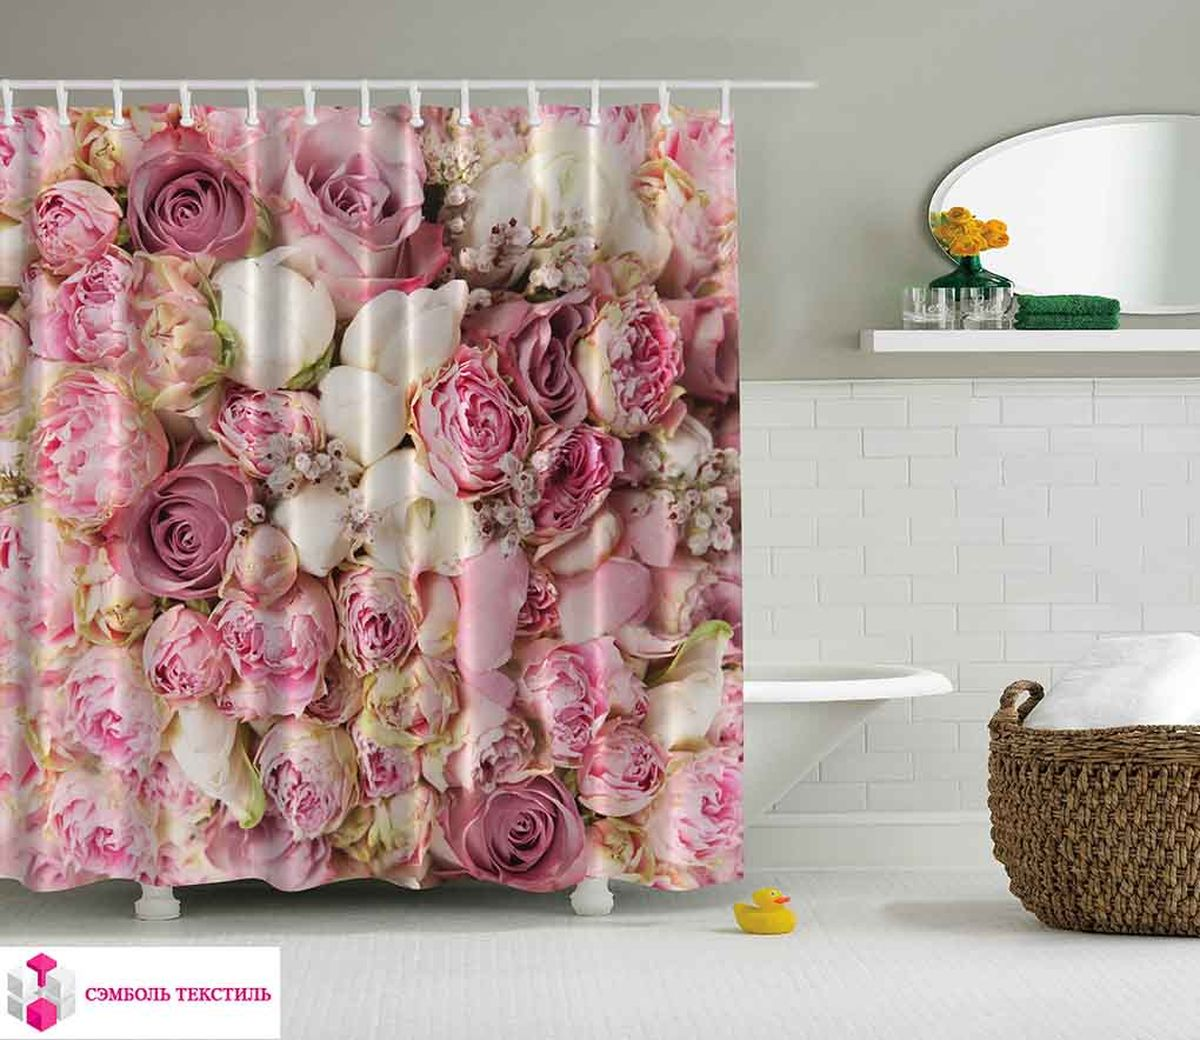 Штора для ванной комнаты Magic Lady Бутоны роз, 180 х 200 см штора для ванной комнаты magic lady дерево в волшебном лесу цвет коричневый оранжевый 180 х 200 см